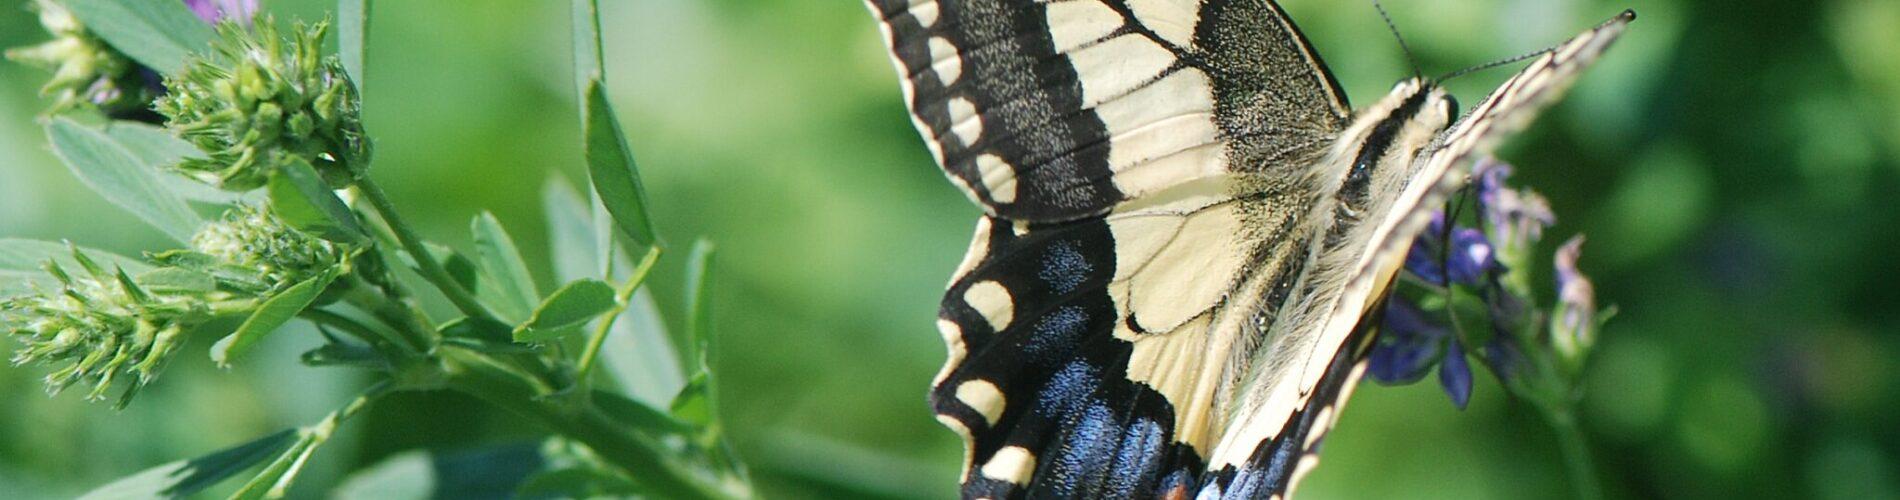 """Svalehale (Papilio machaon Linnaeus) i sin karakteristiske lysegule farve, med netmønsteret på vingerne og de to """"haler"""" som har givet arten sit navn. Svalehale forvaltning - Forvaltning af Dagsommerfugle - Ildfugl.com. Billedet er taget af Klaus Hermansen, på Kreta år 2014."""